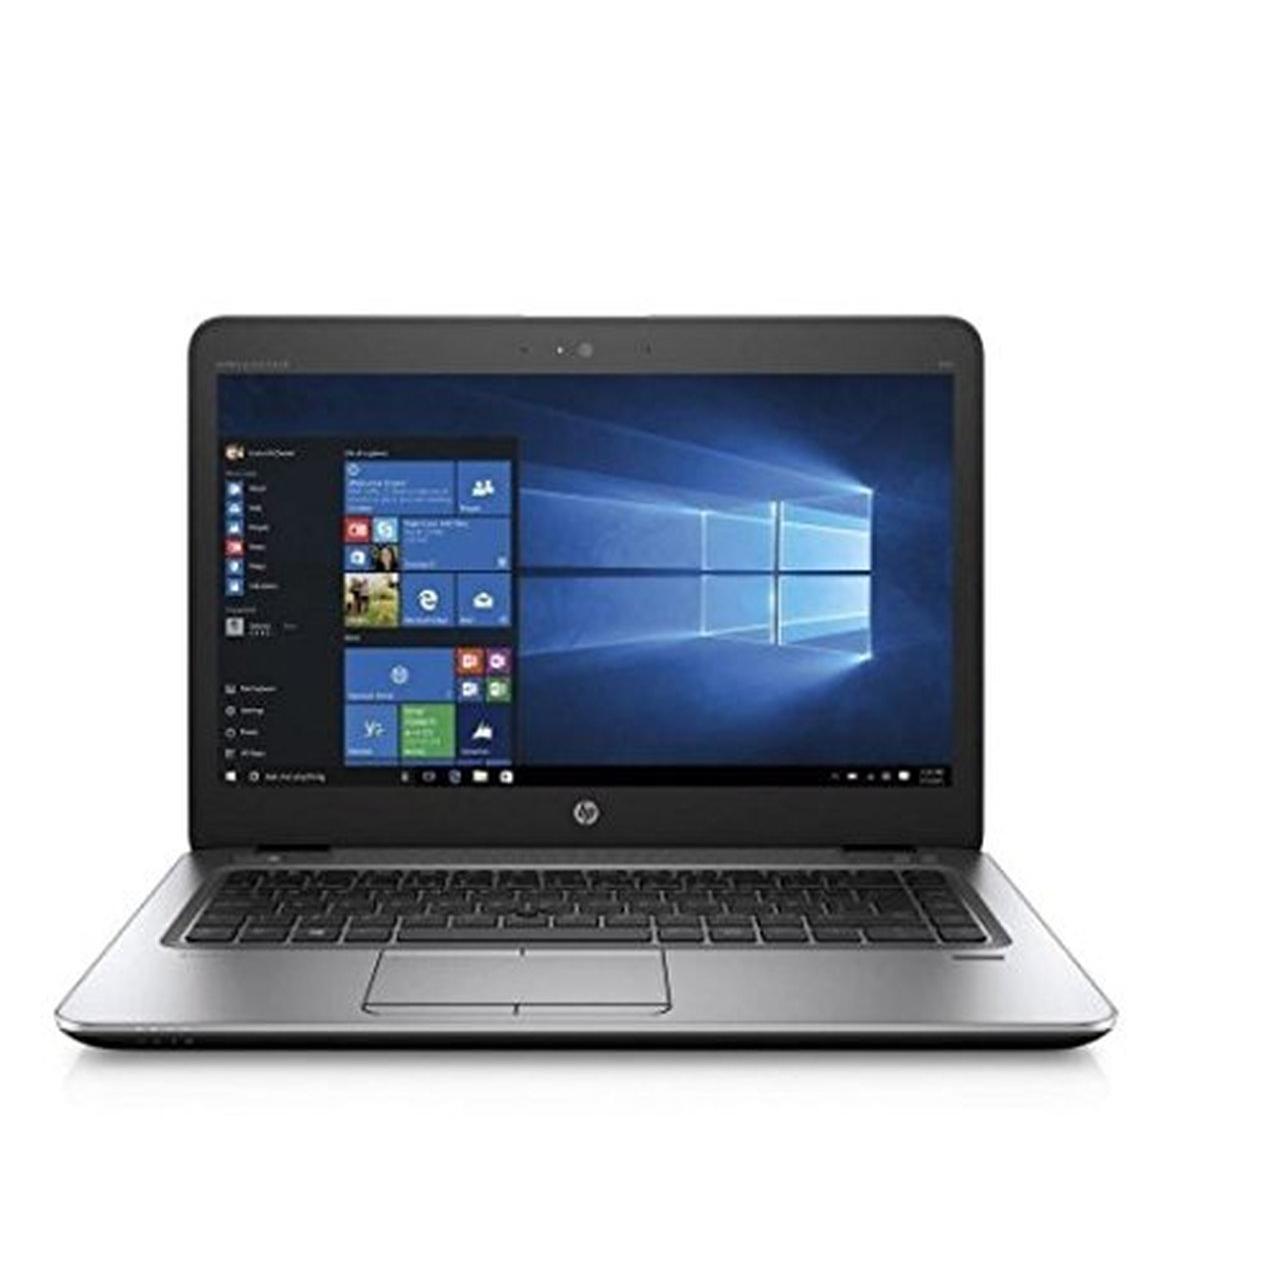 HP ProBook 745 G3 14-tum (2016) - A10-8700B - 4GB - SSD 120 GB QWERTZ - Tyska